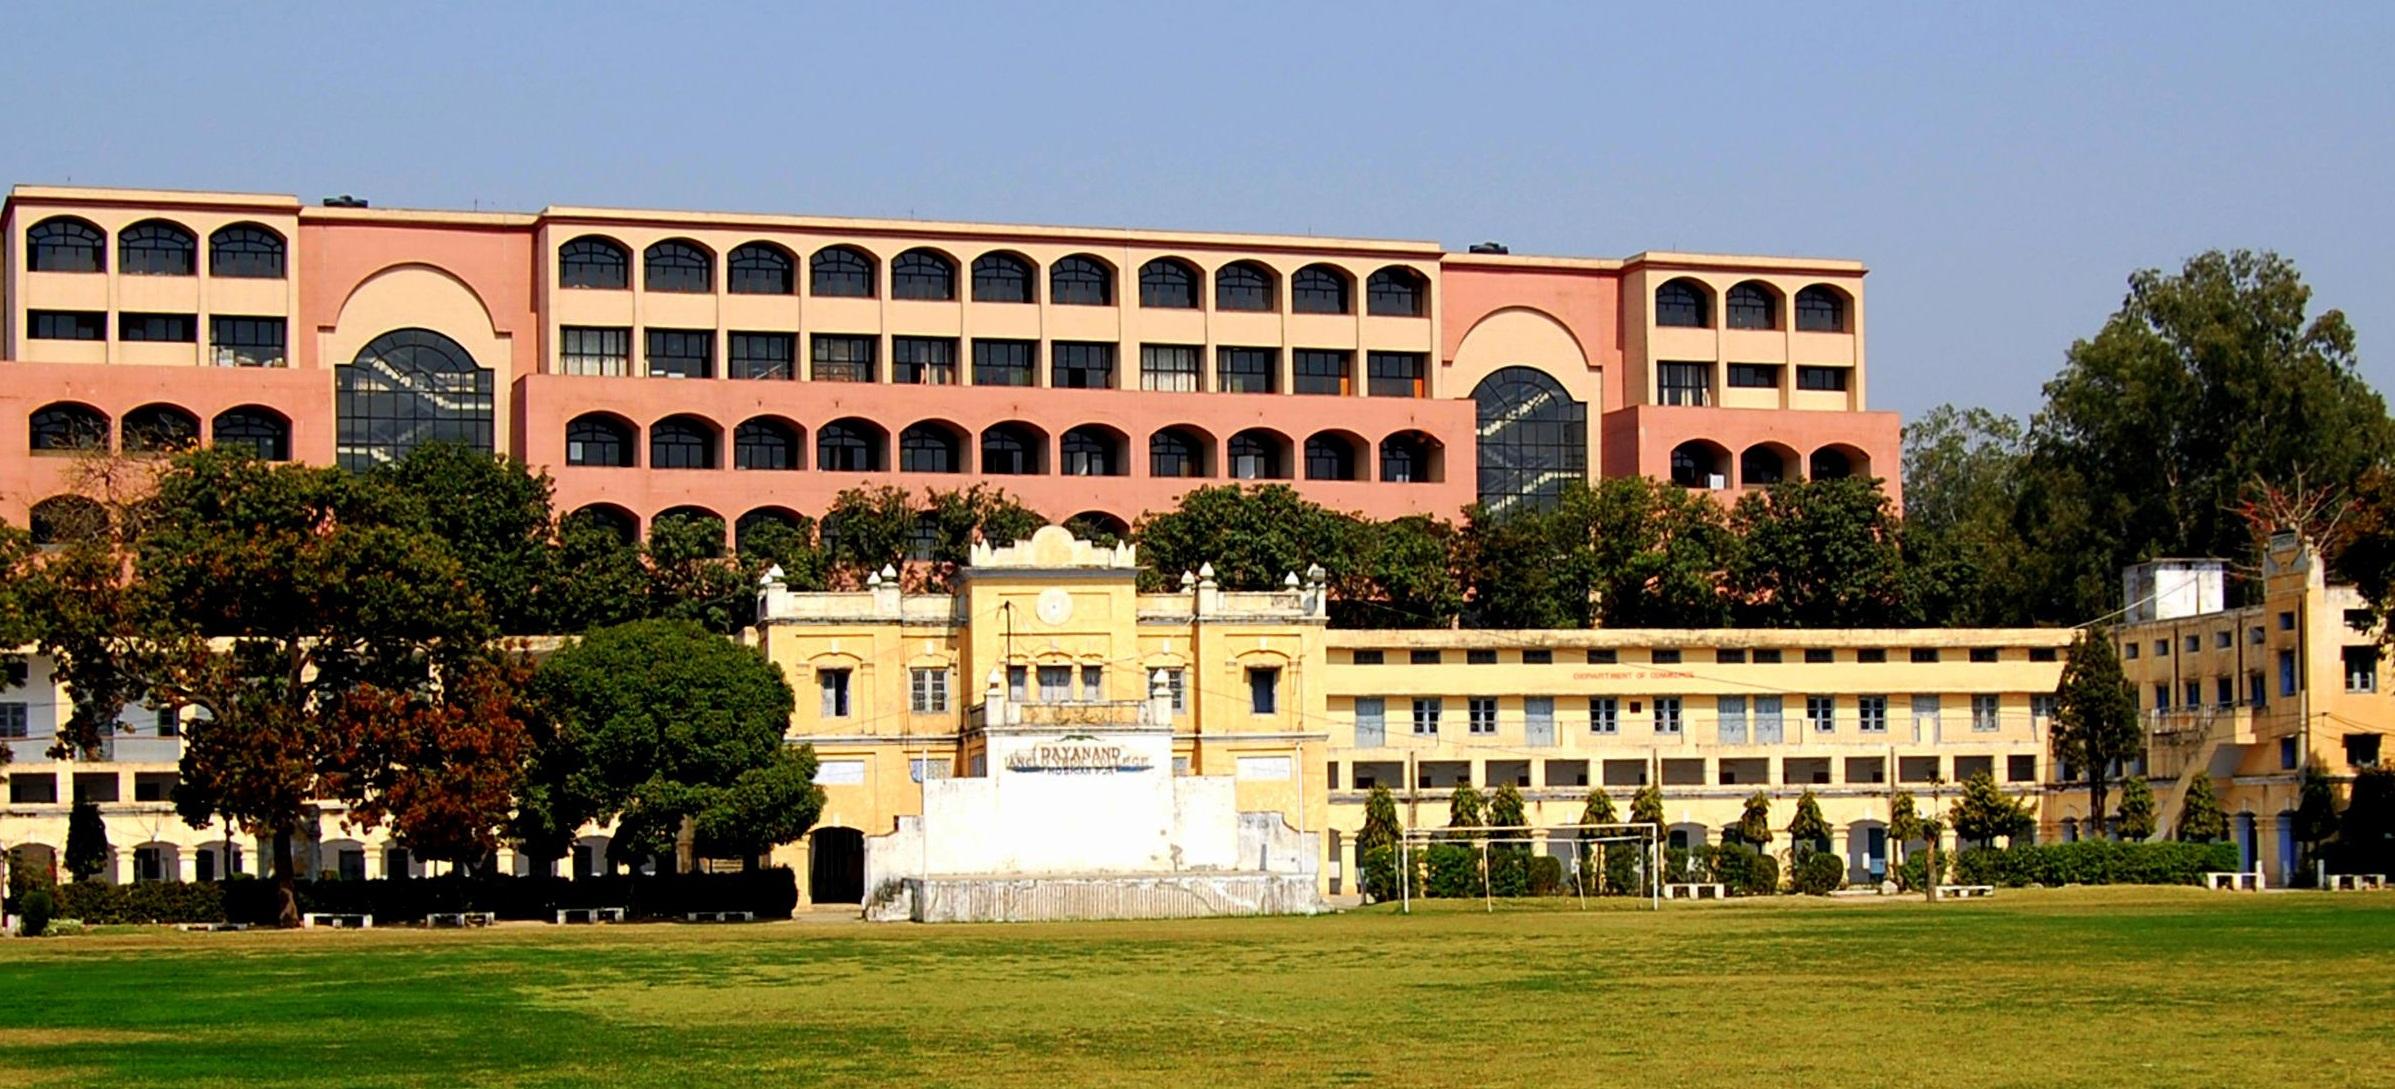 D.A.V. College, Hoshiarpur